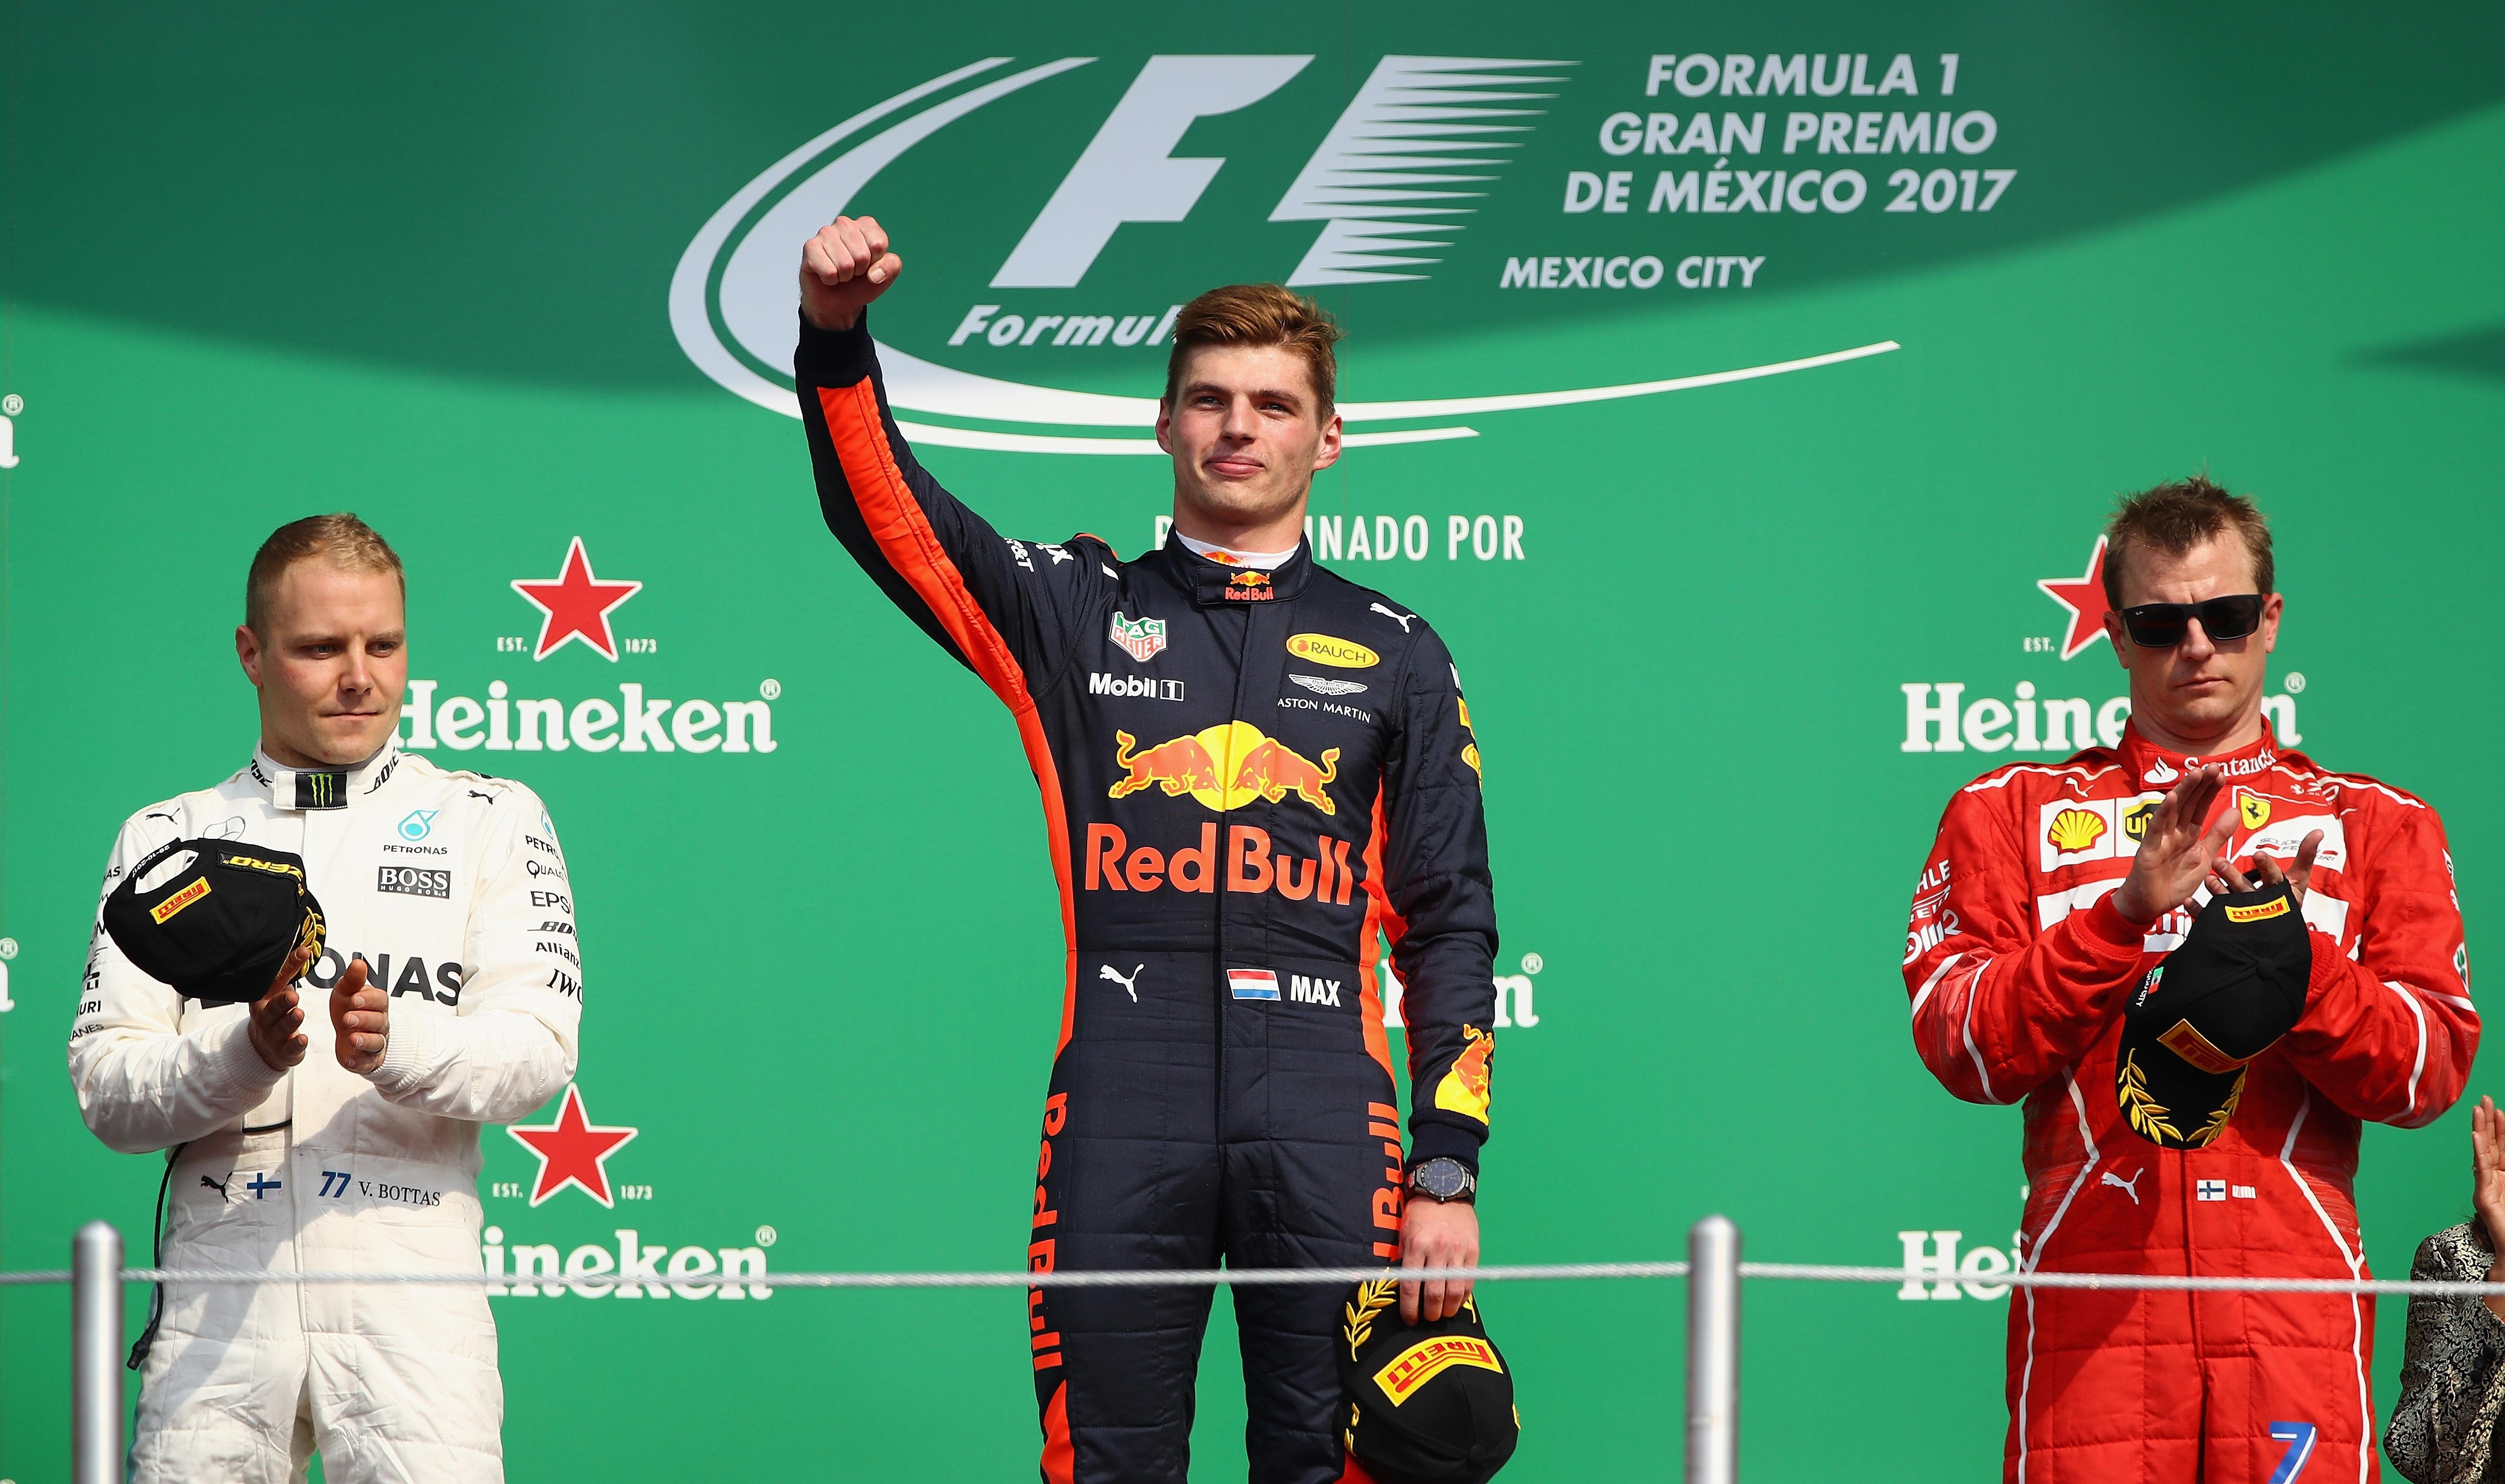 Max Verstappen, Valtteri Bottas and Kimi Raikkonen on the podium Mexico GP F1/2017